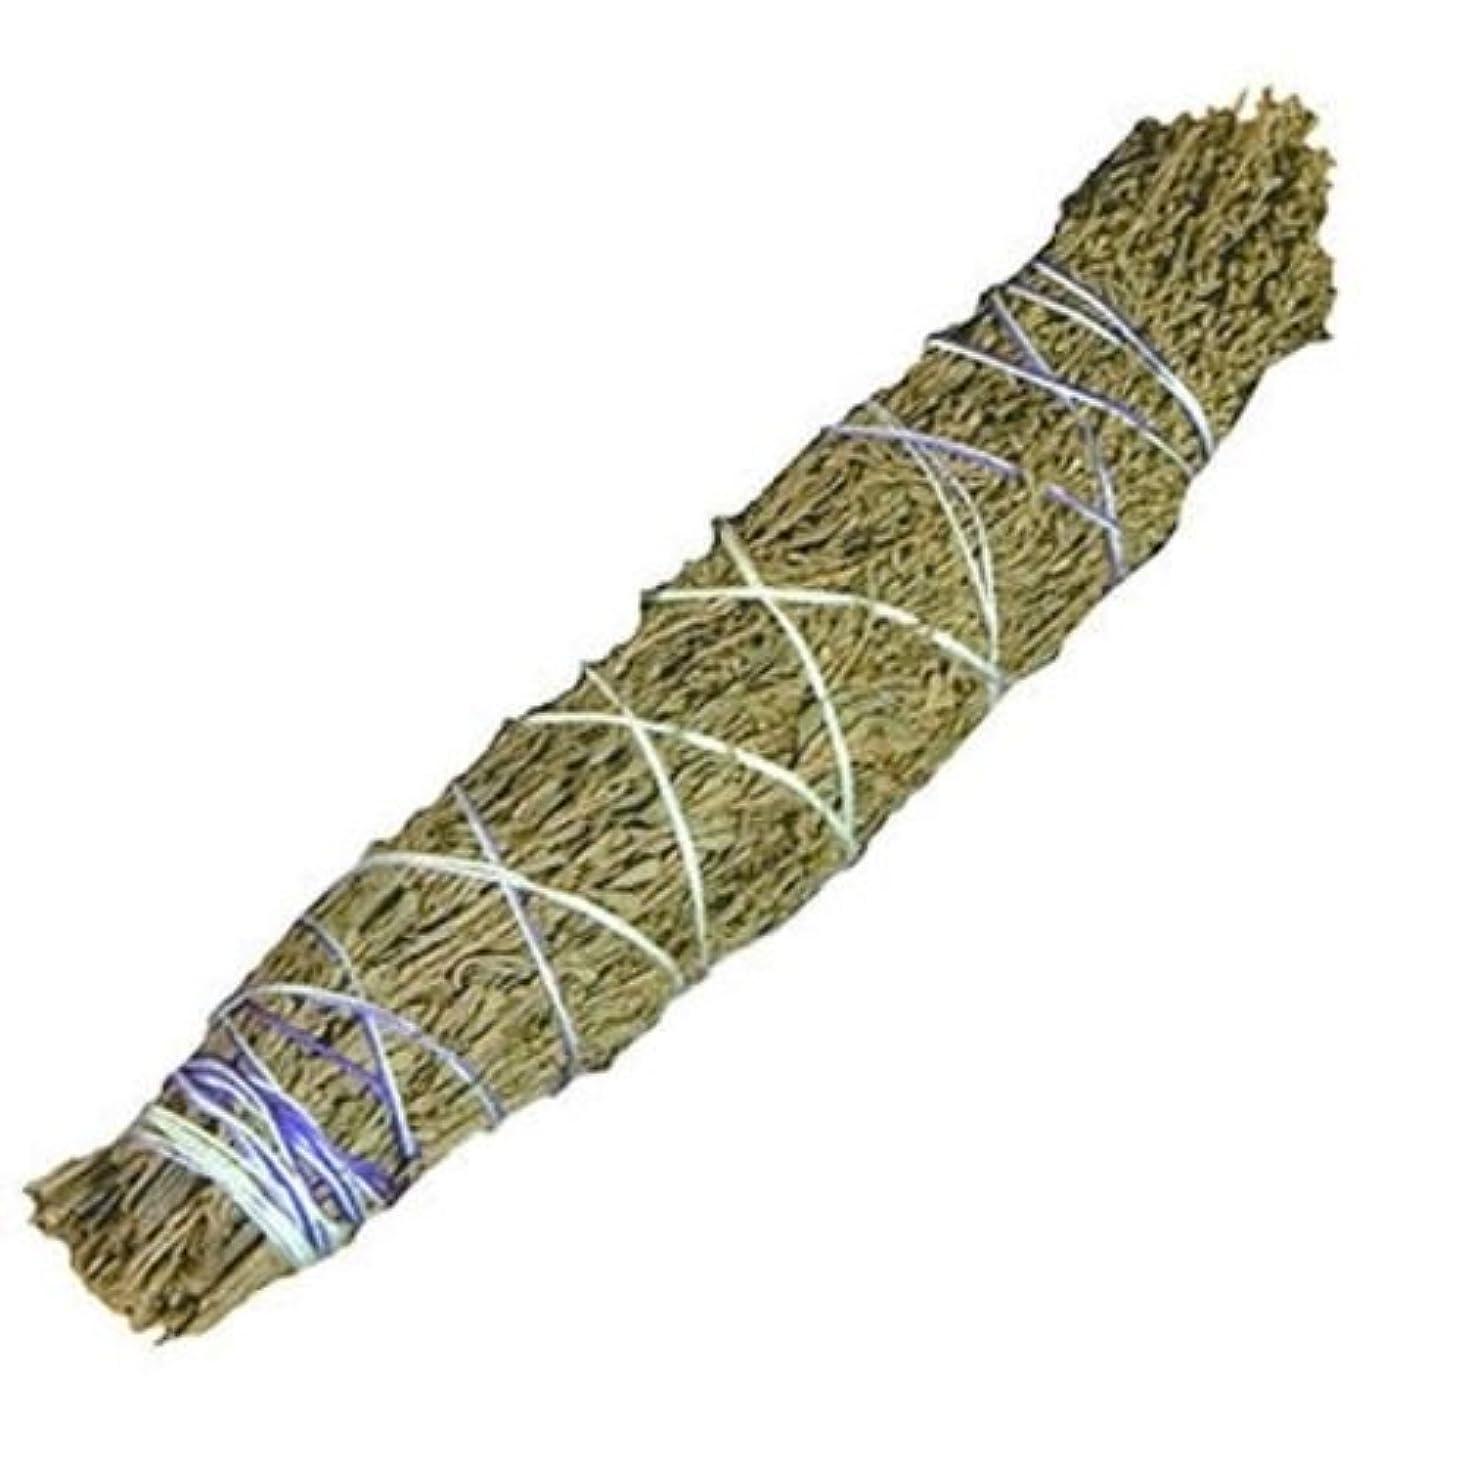 十代の若者たち受信合理的2つSmudge sticks-ラベンダー&セージ、植物